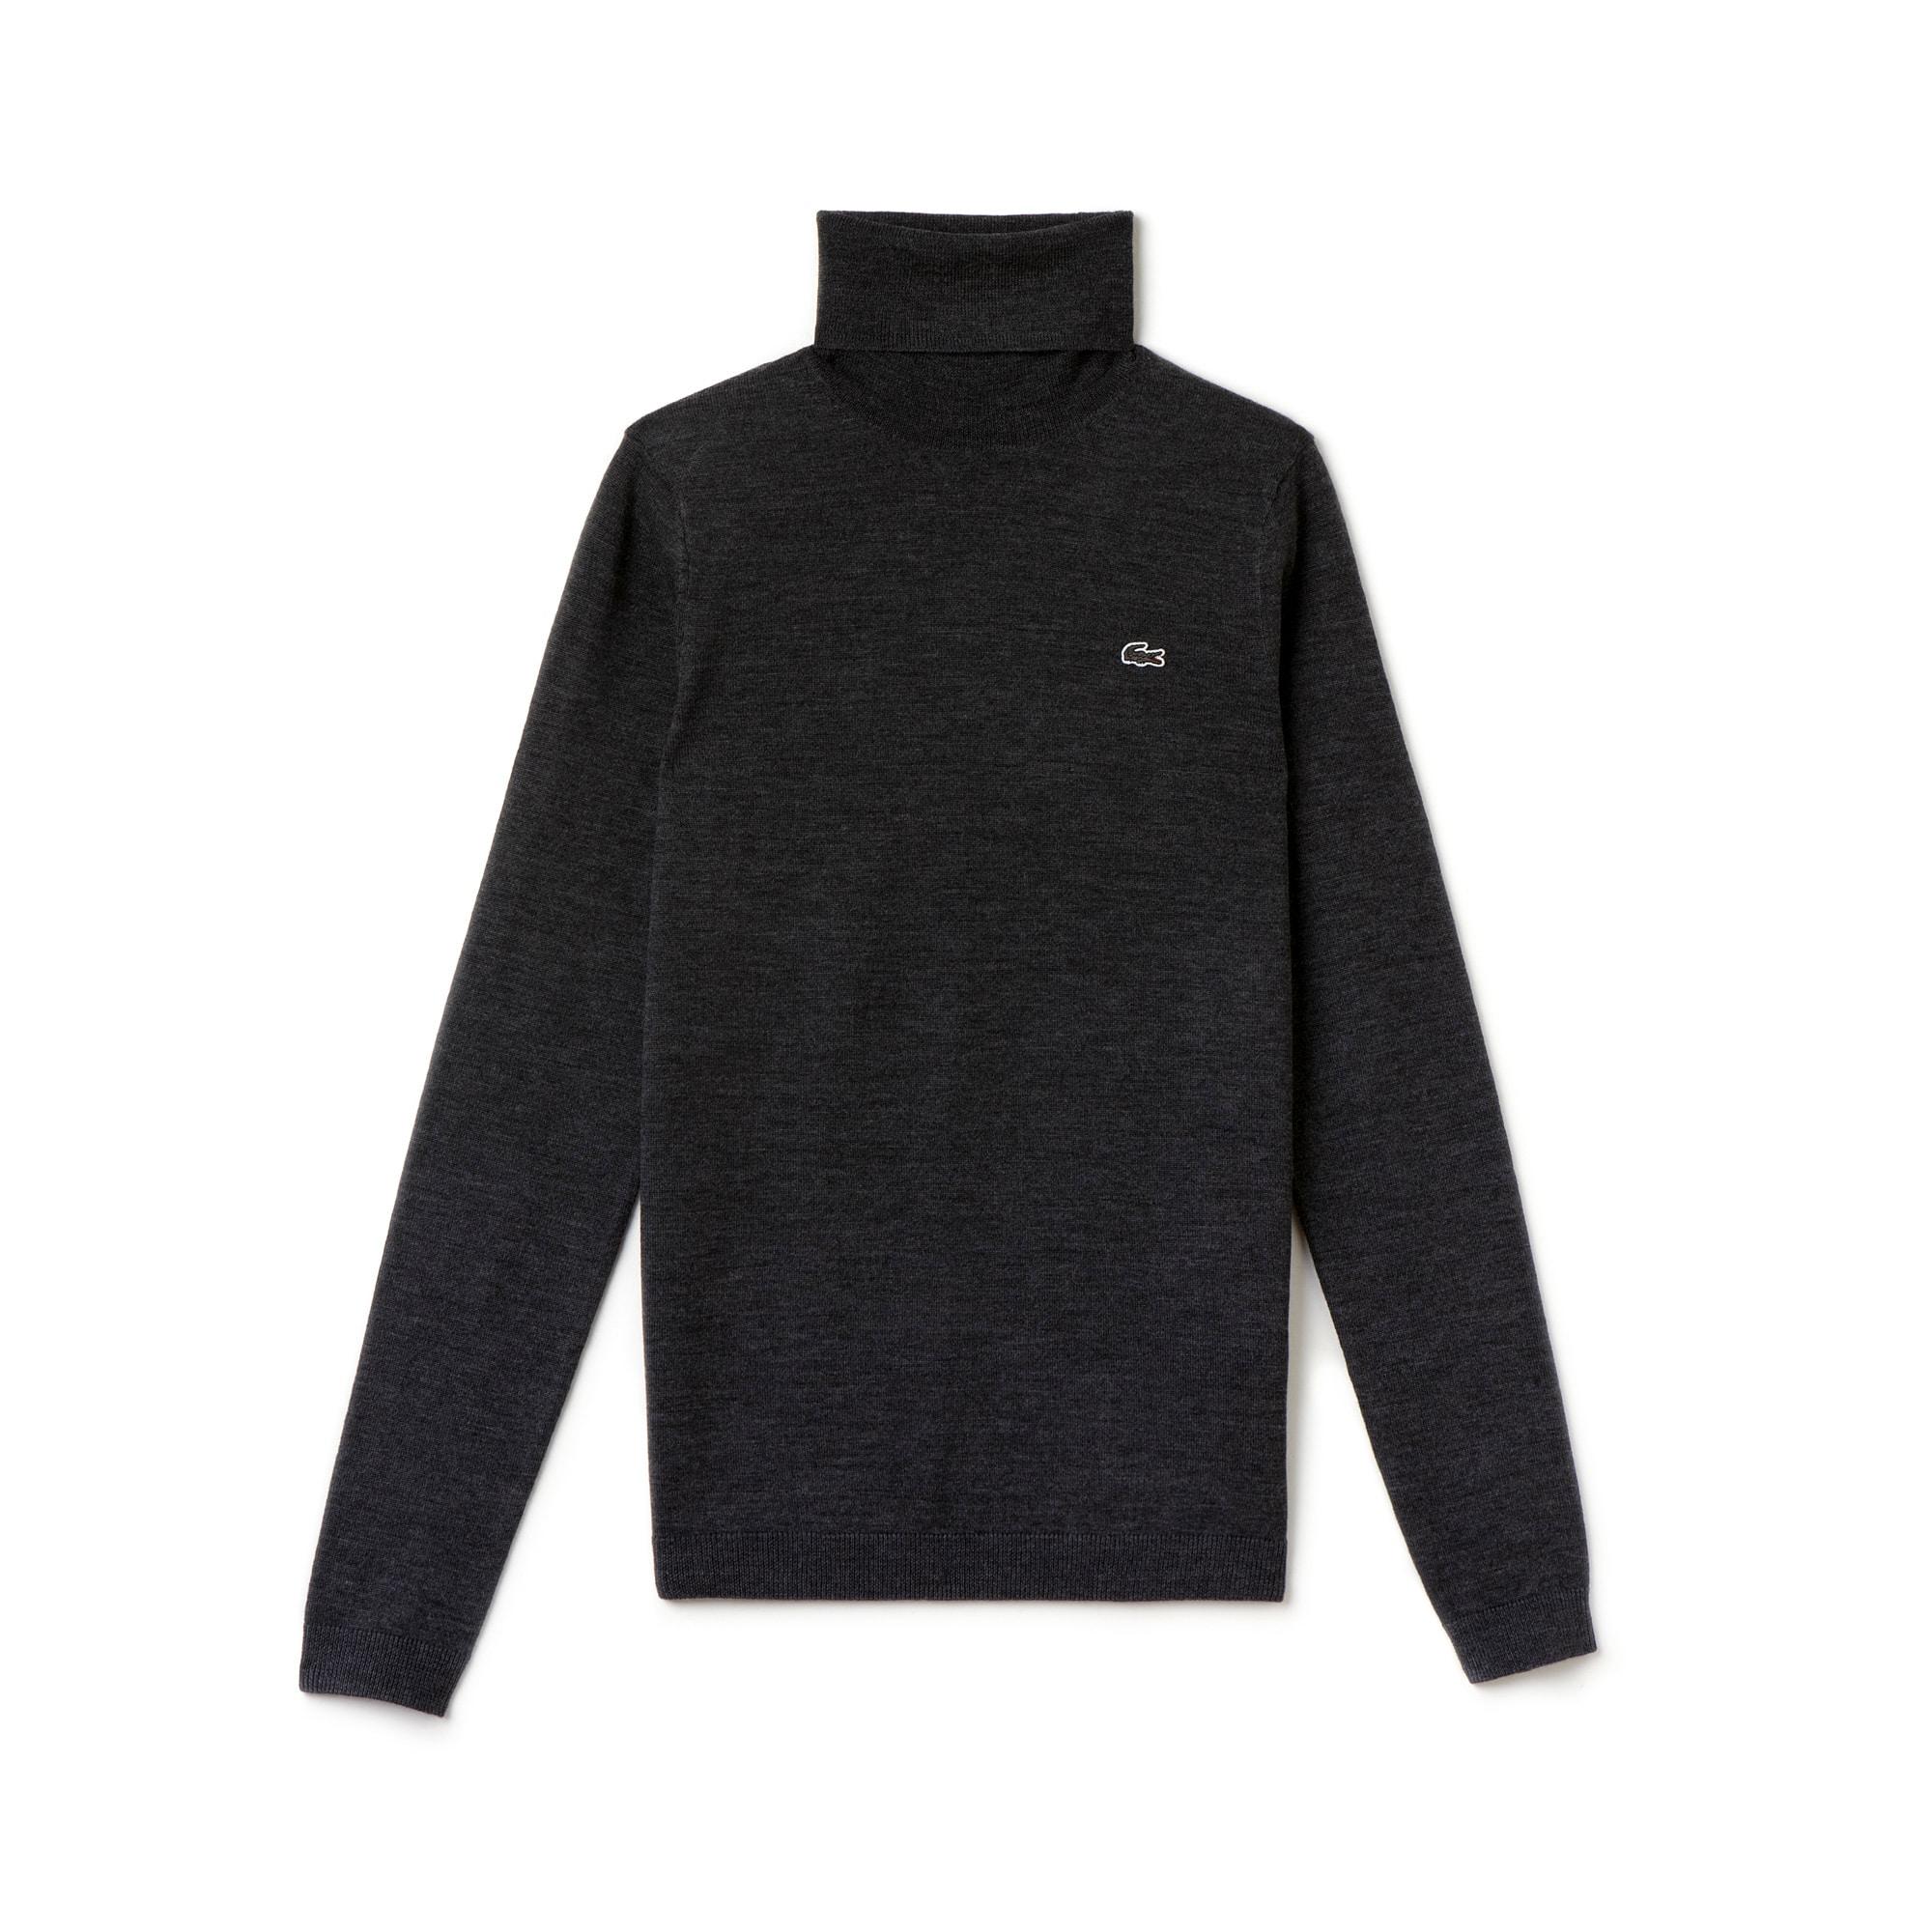 Women's Classic Wool Turtleneck Sweater